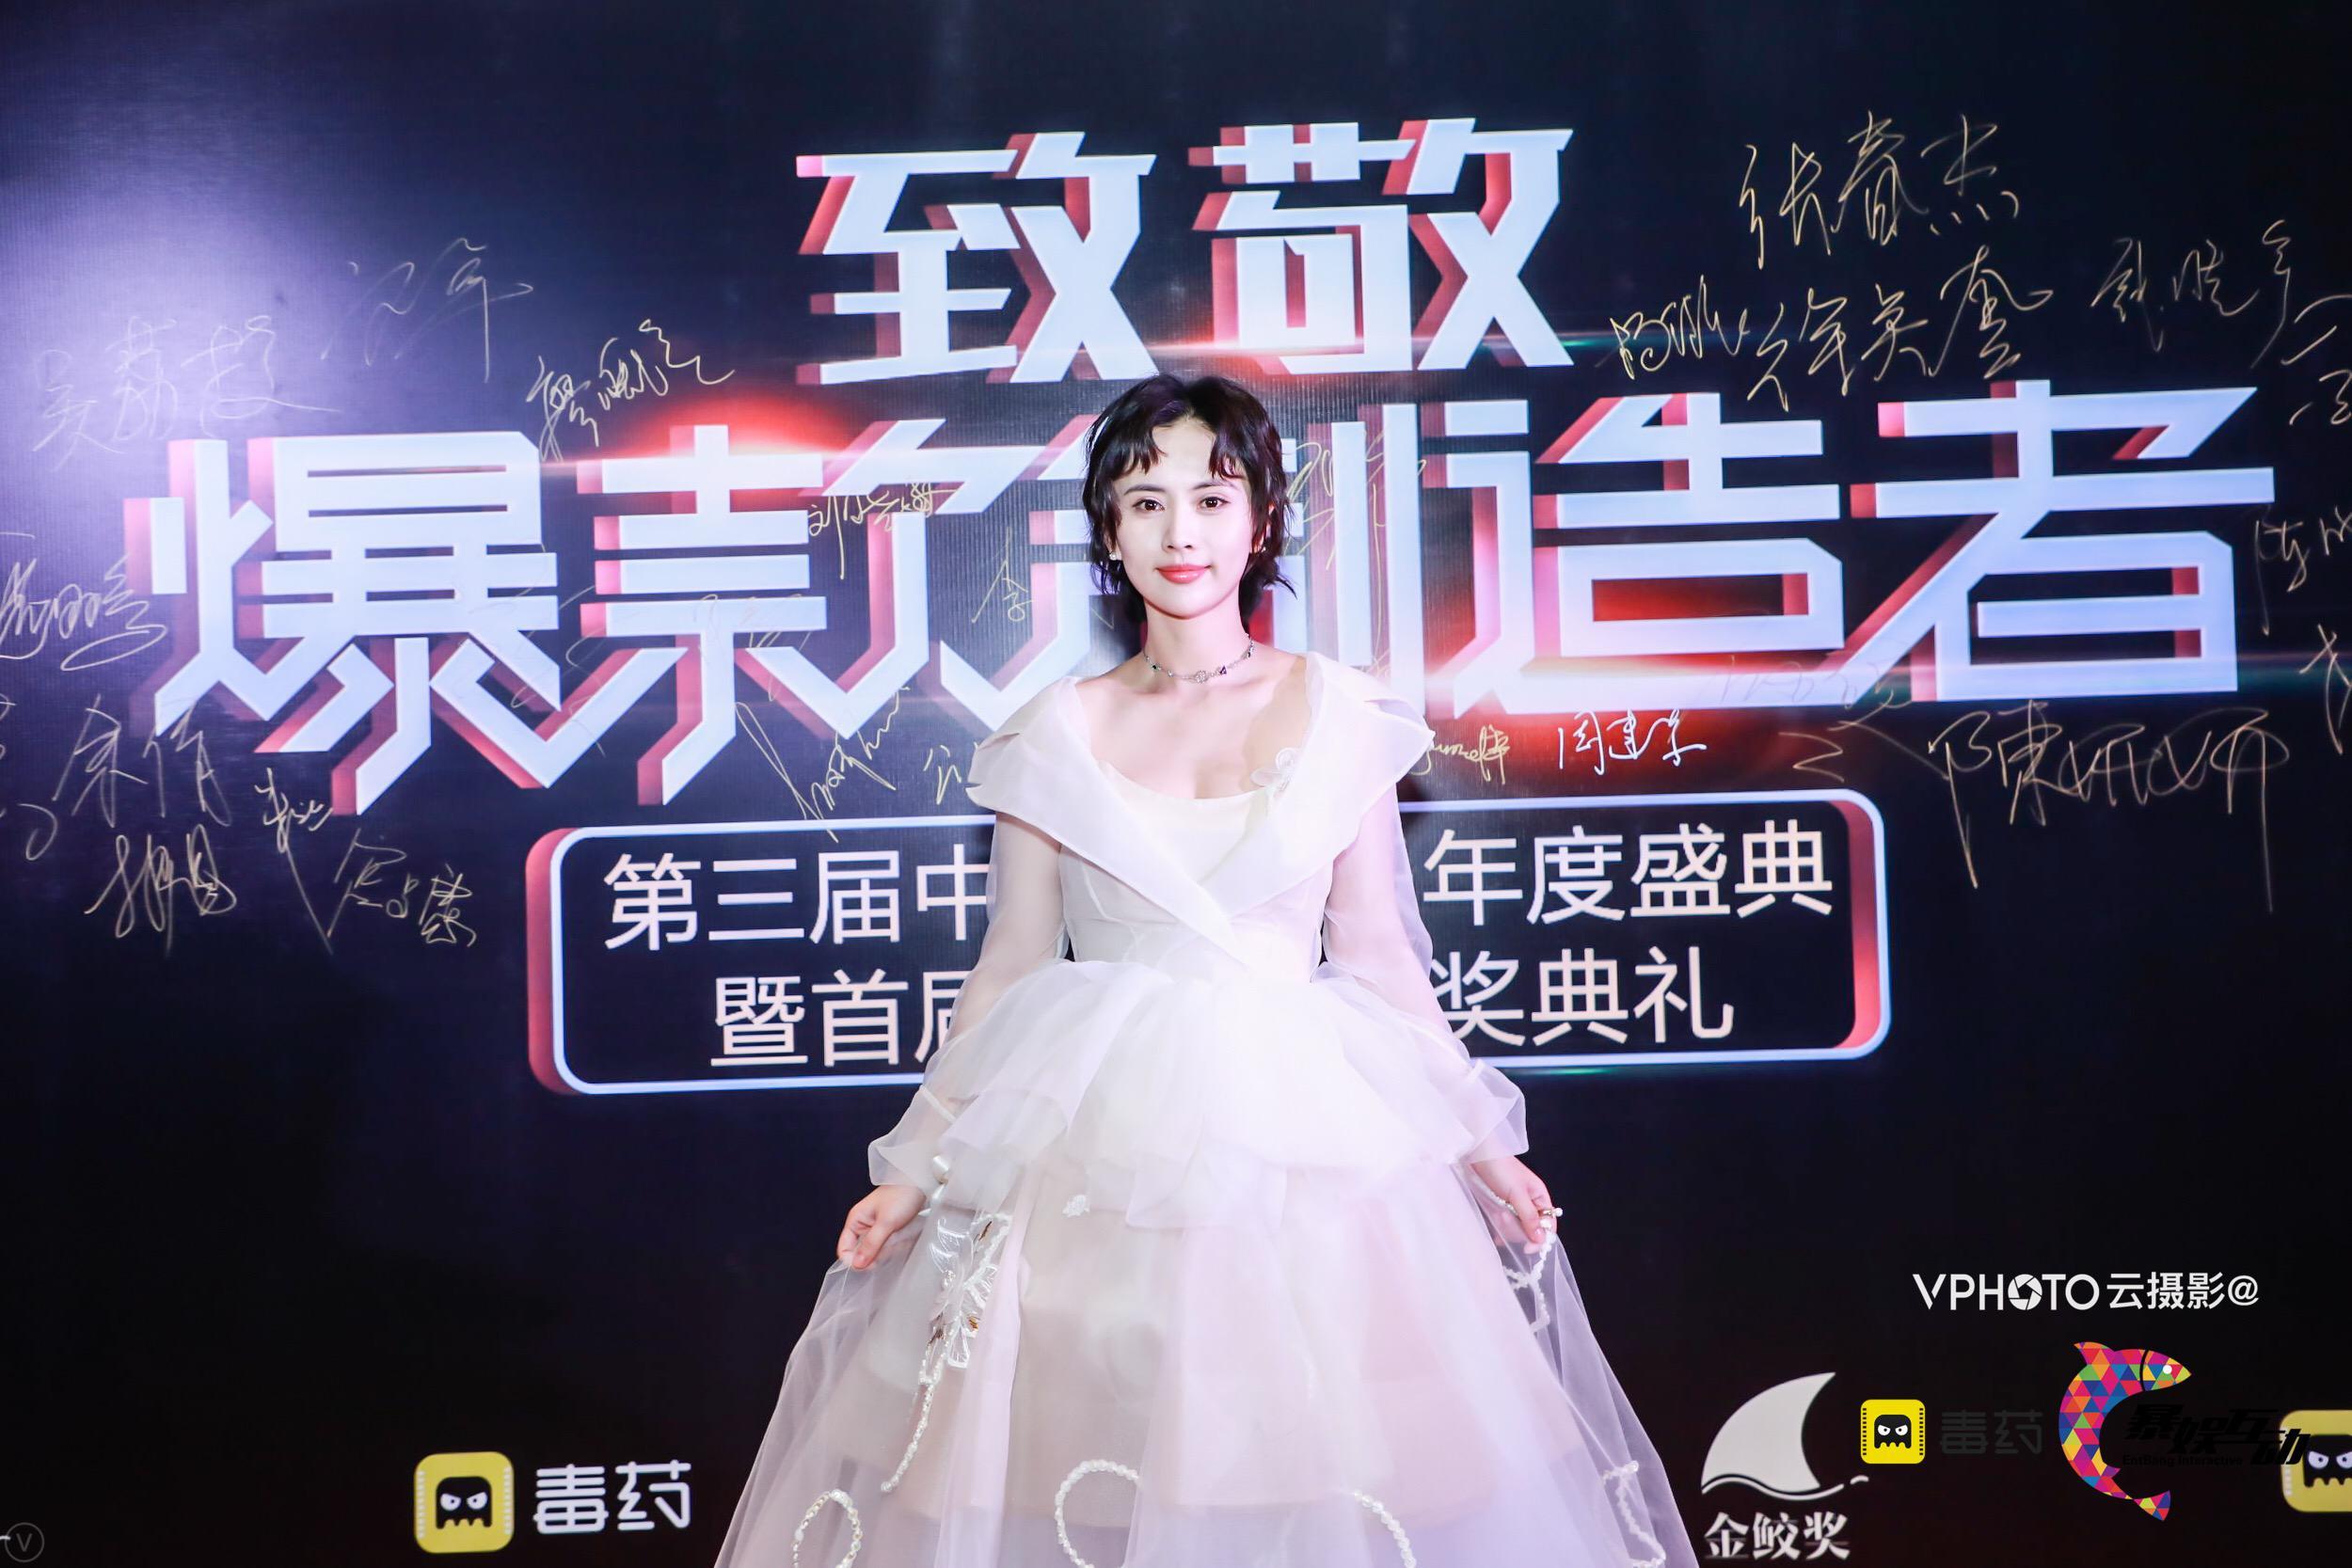 第3届中国泛娱乐年度盛典在京举行 金鲛奖获赞网生领域奥斯卡